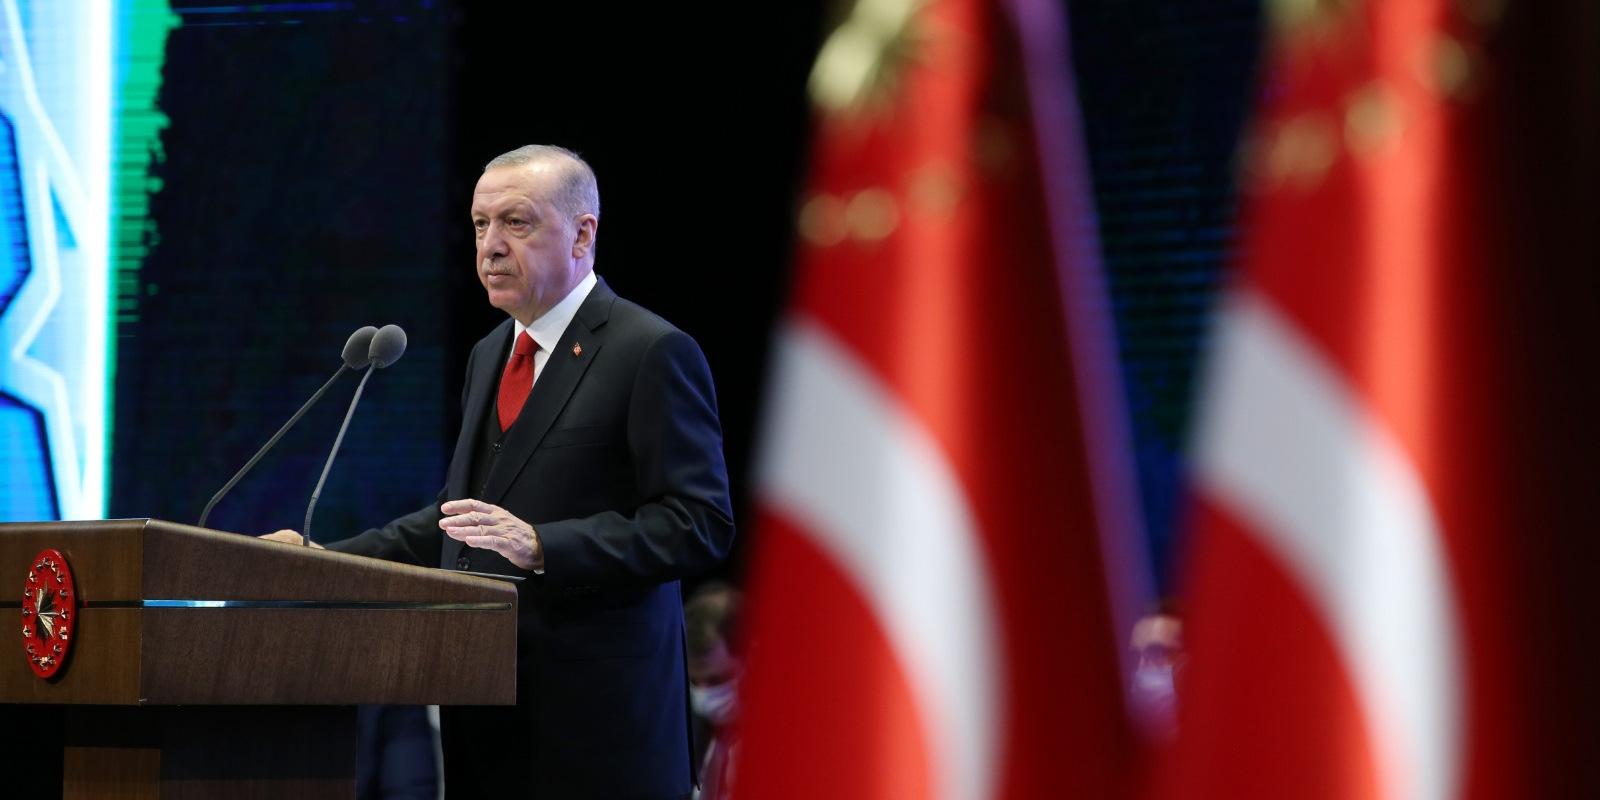 'Türkiye' ye karşı tehdit, şantaj dilinin hiçbir fayda sağlamayacağı artık anlaşılmalıdır.'